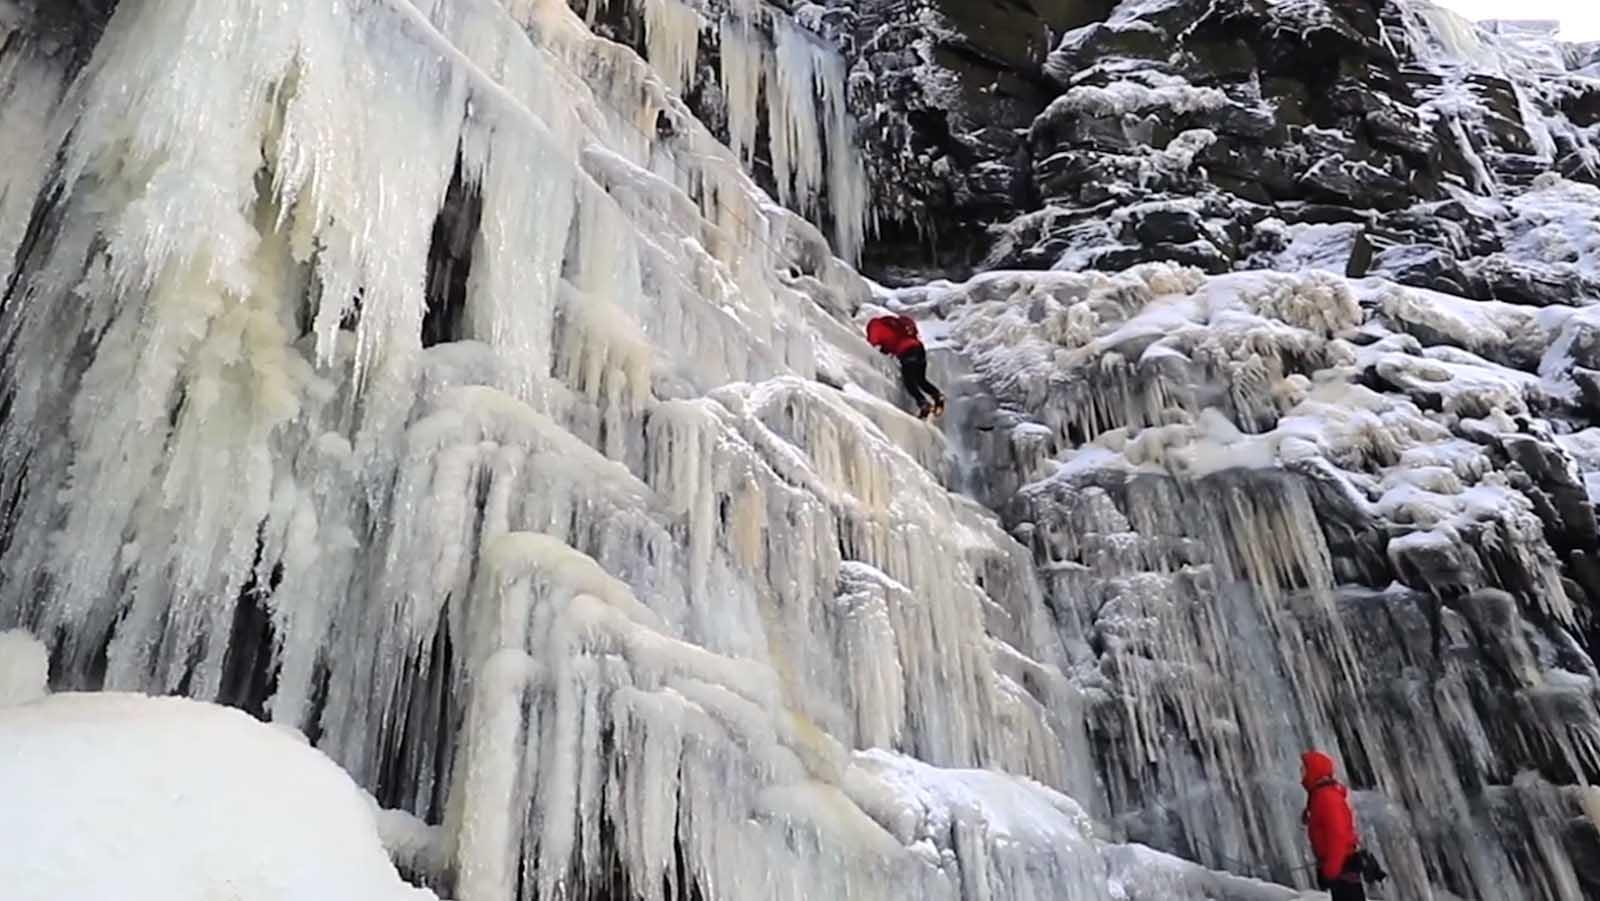 Klettern gegen die Zeit: Draufgänger erklimmt gefrorenen Wasserfall